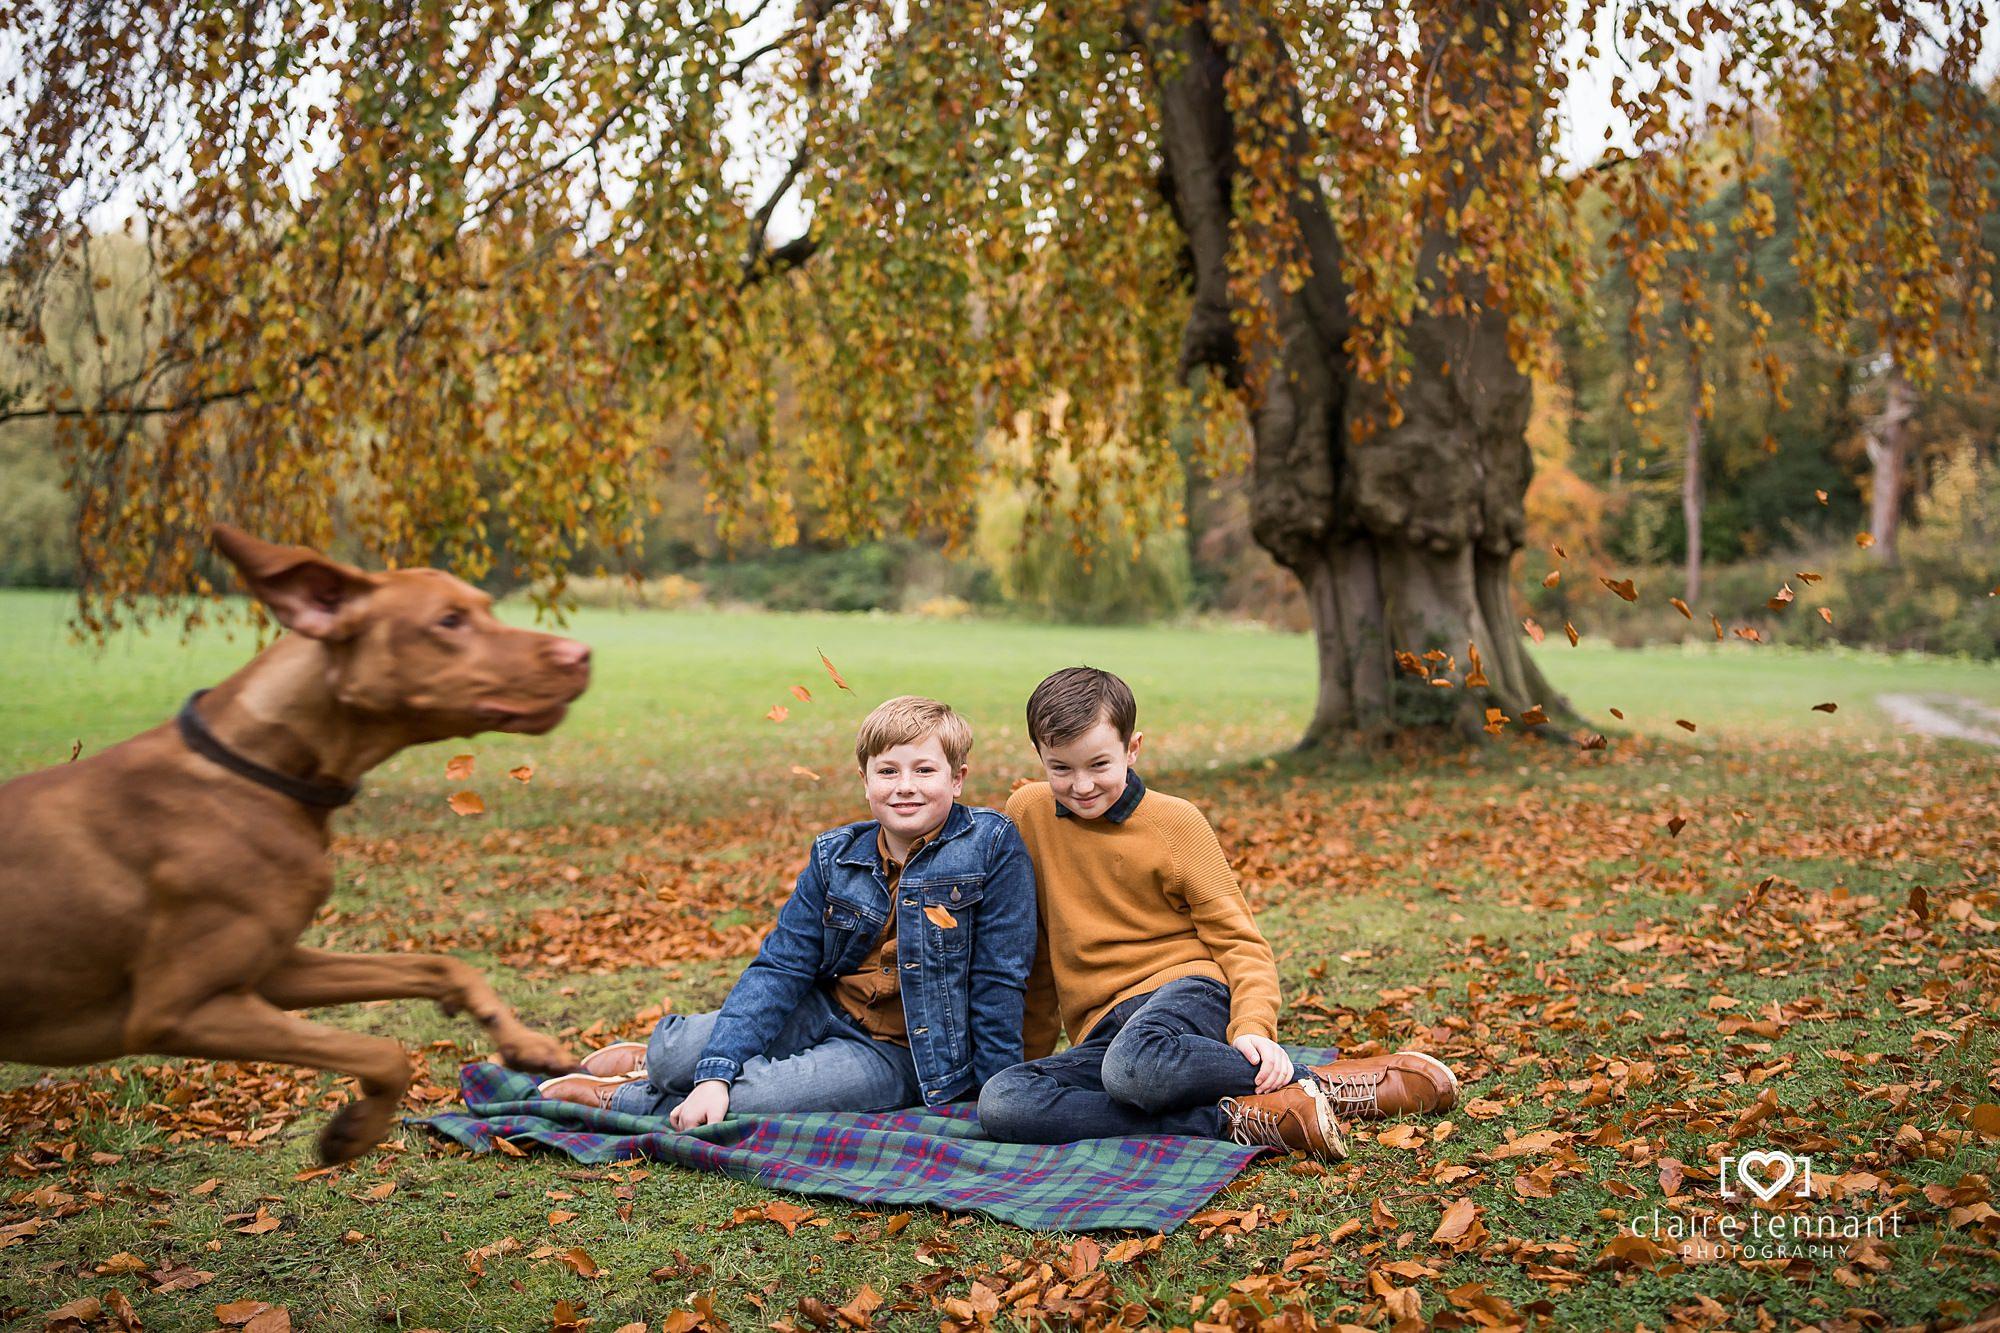 Funny Dog family photo